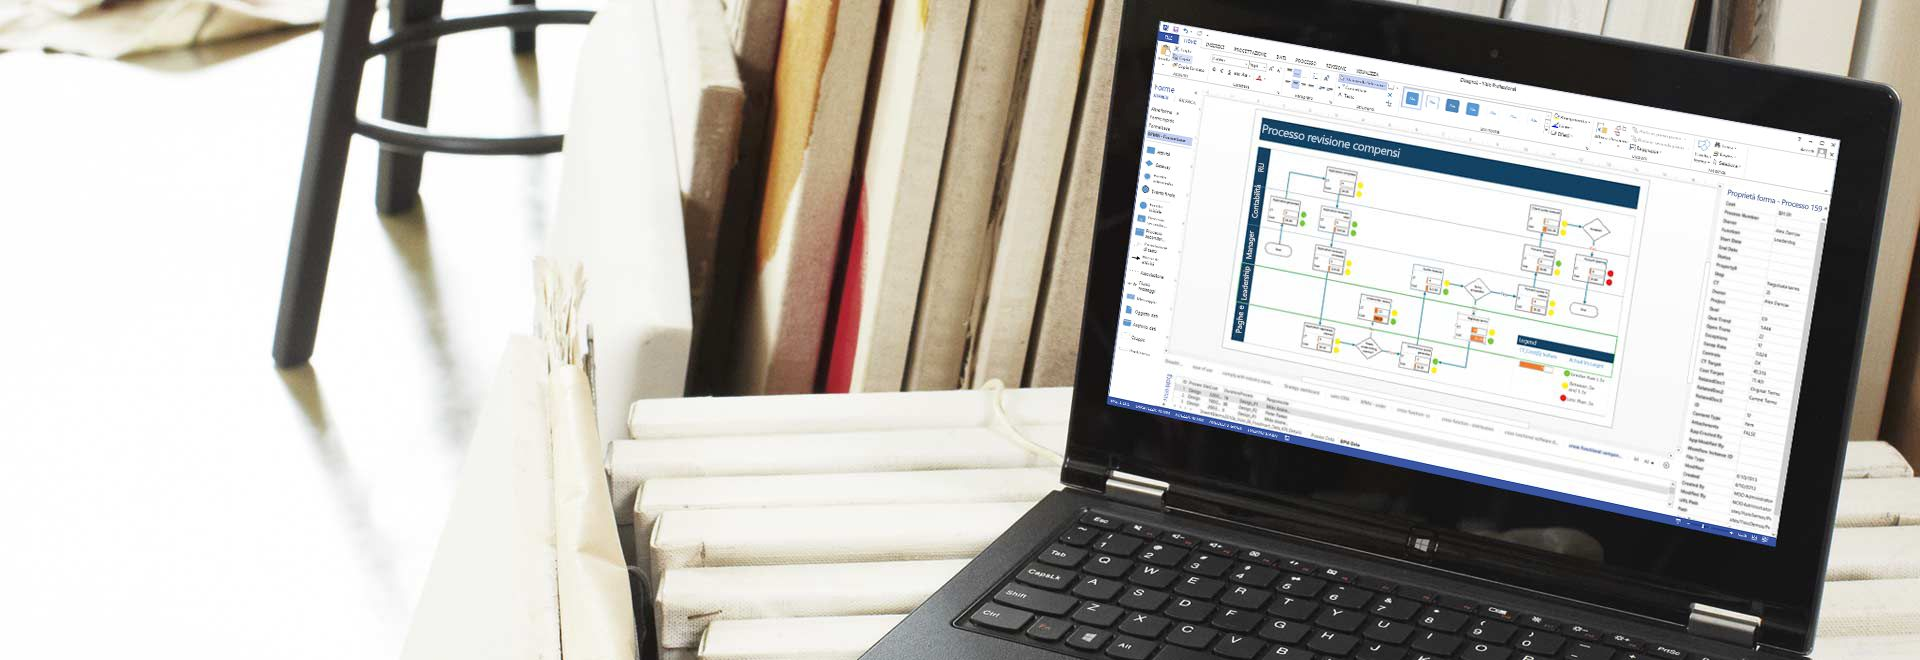 Portatile che visualizza un diagramma di flusso di lavoro di processo in Visio Pro per Office 365